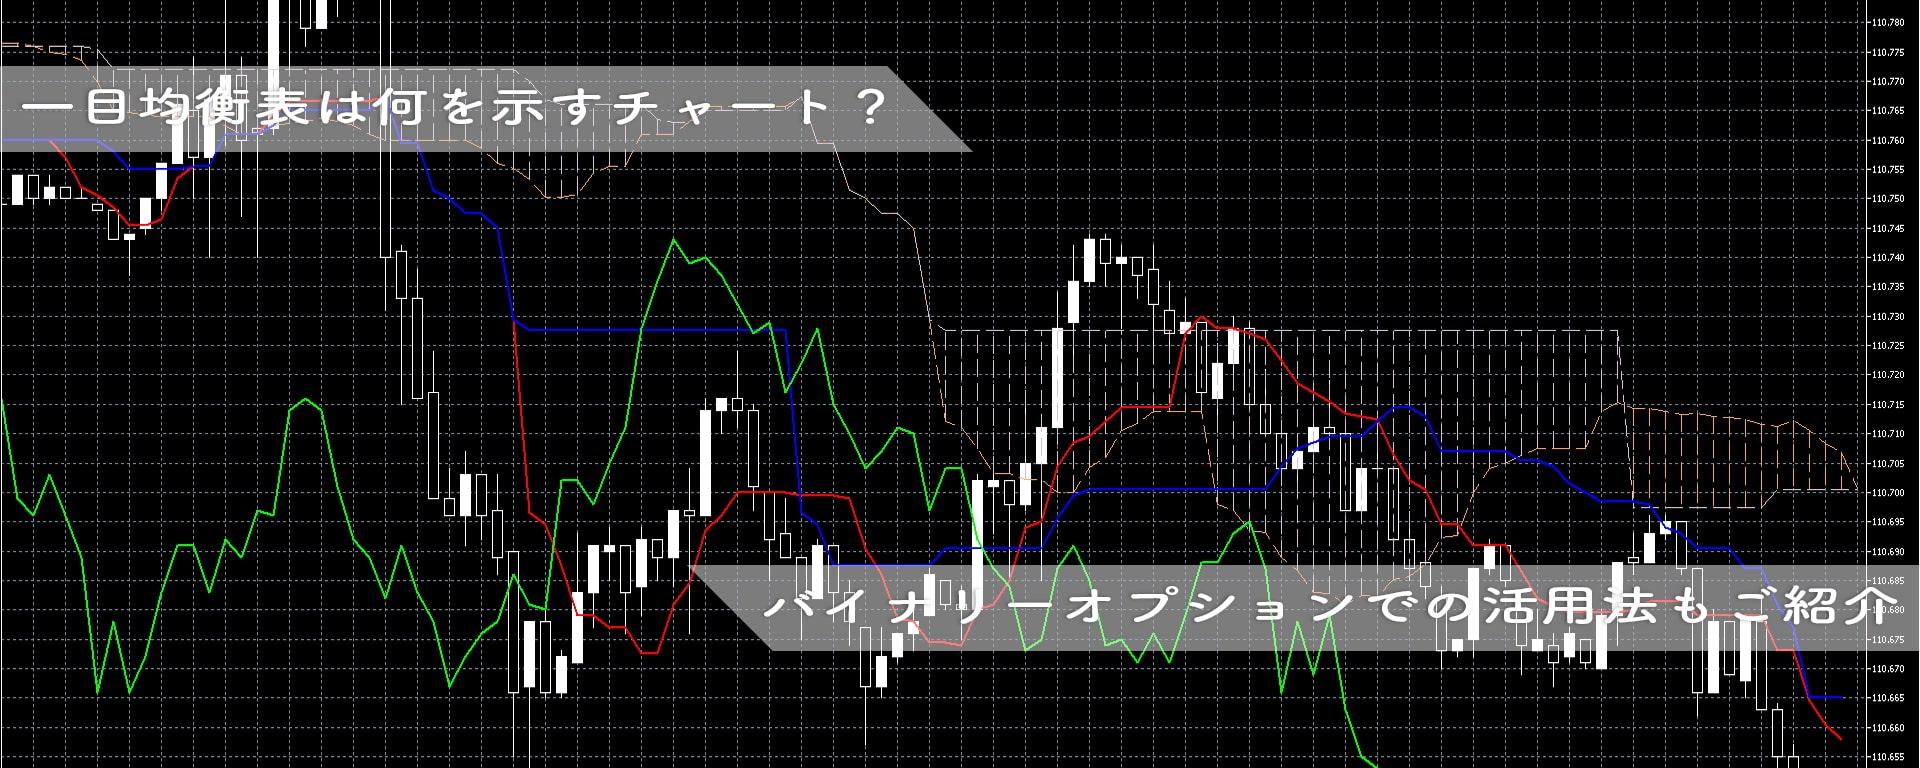 一目均衡表の意味と線の見方を解説!バイナリーオプションではこう使う